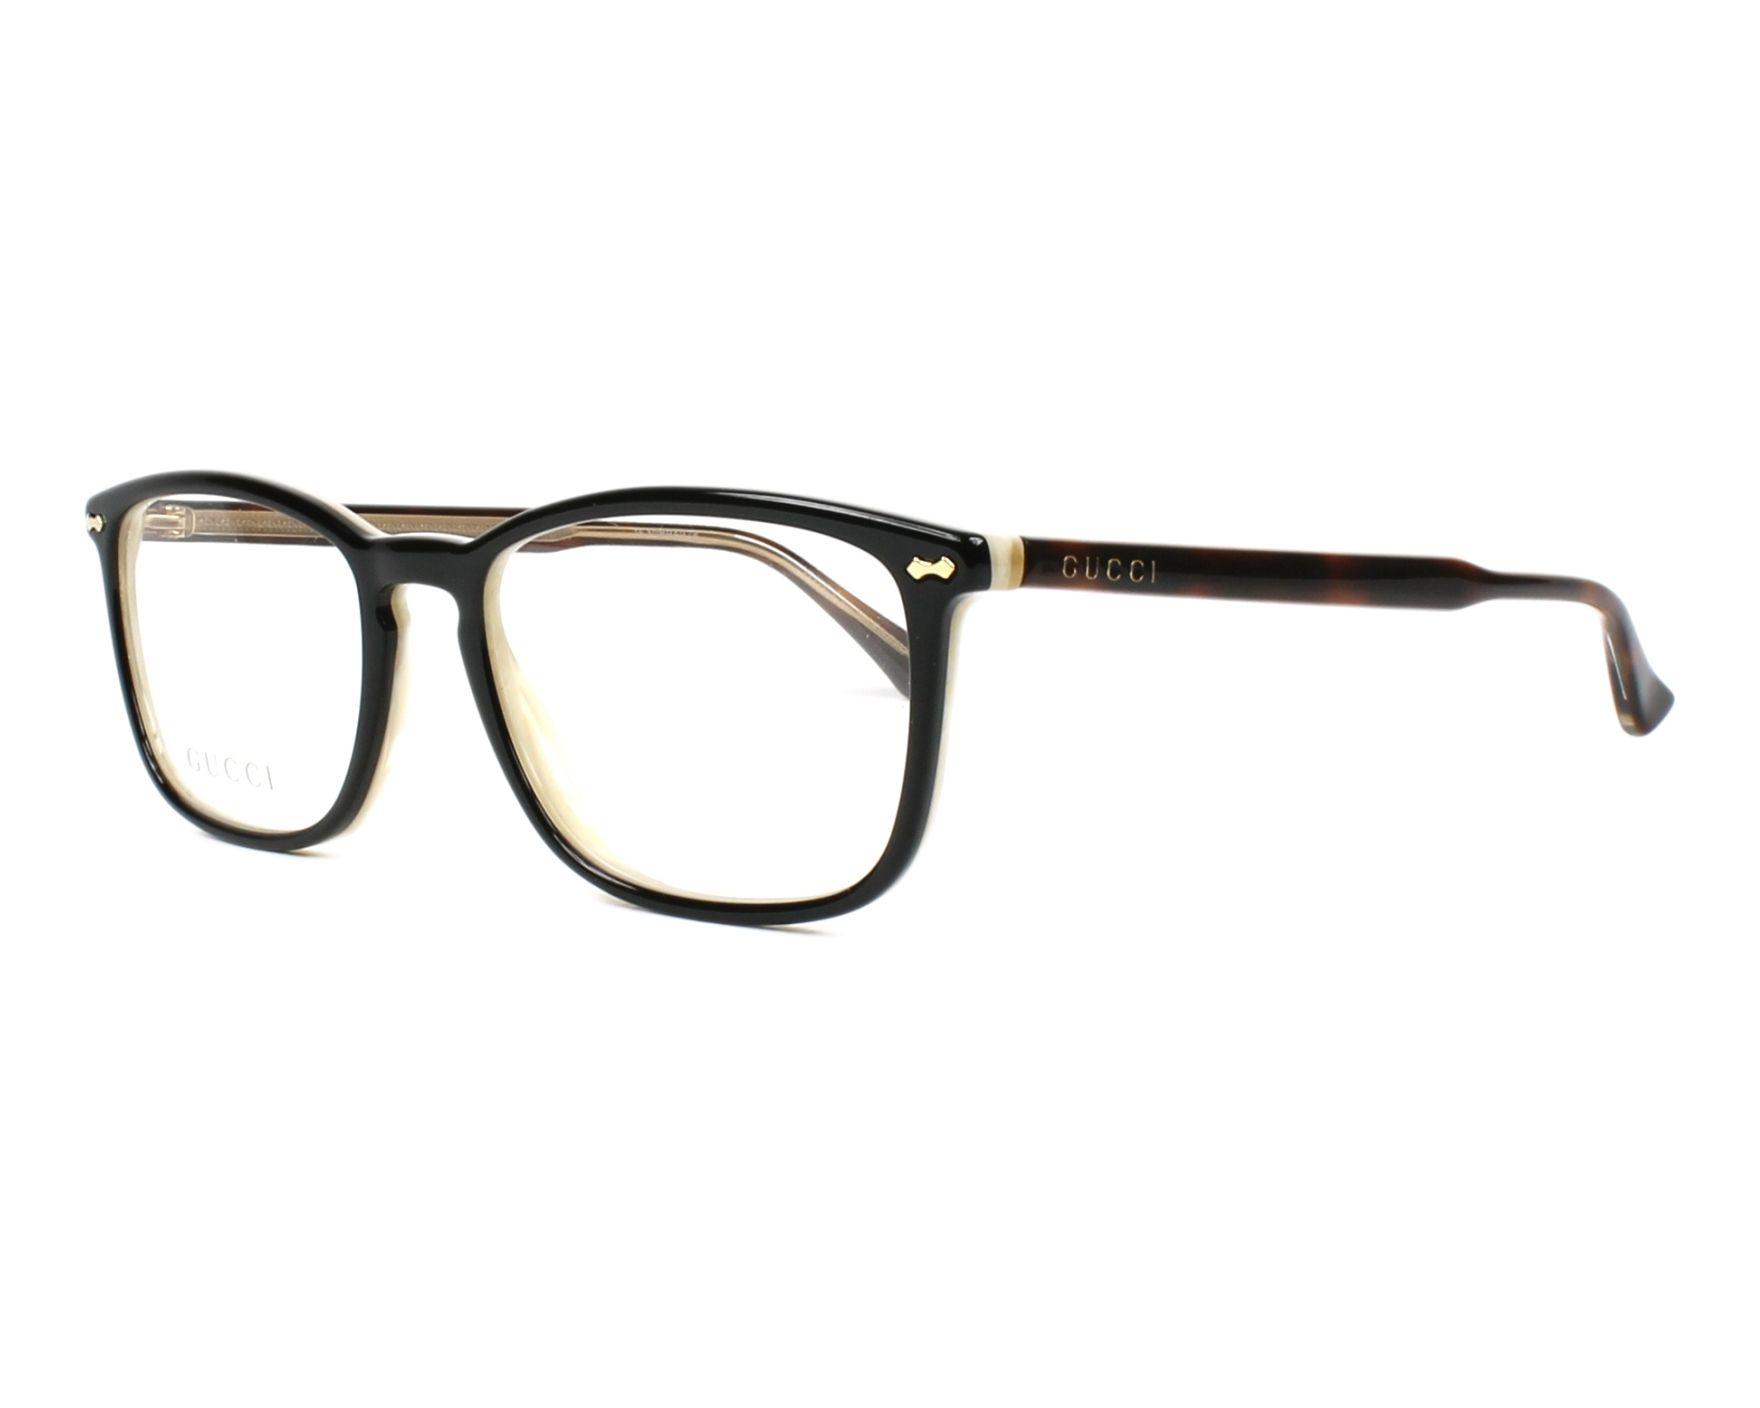 Kaufen Sie Ihre Gucci Brille GG-0188-O 004 Online - Visionet